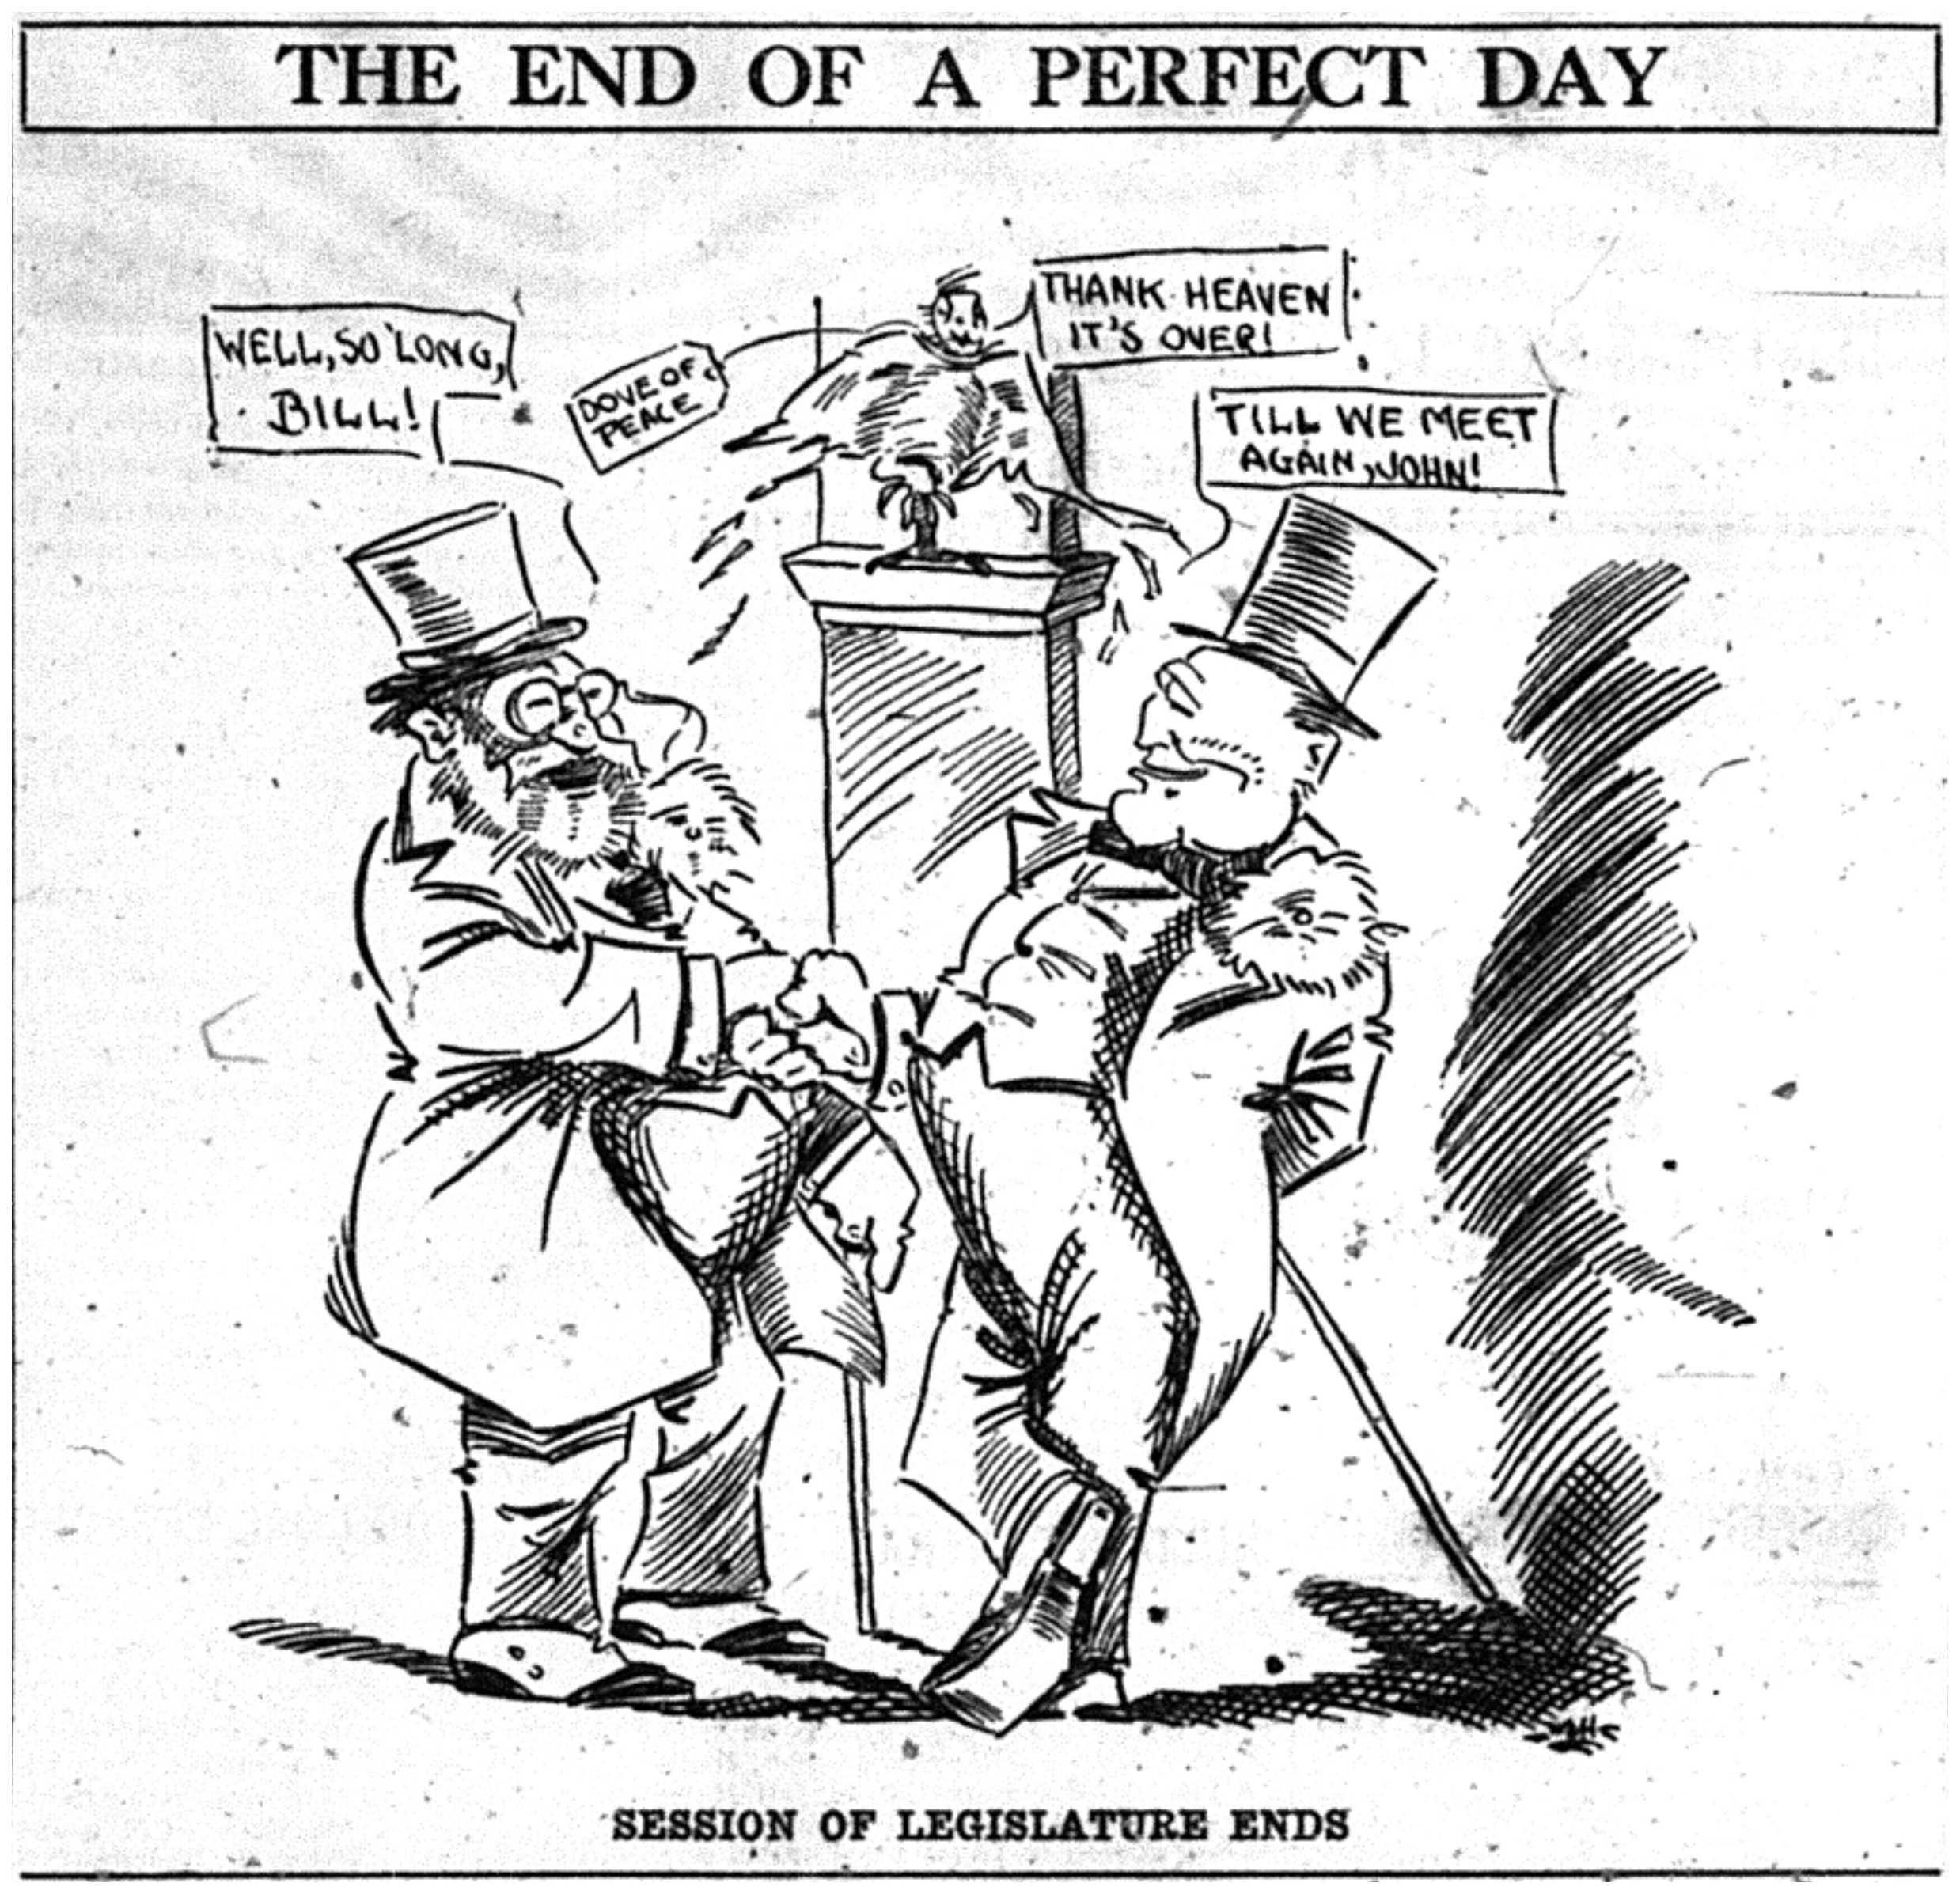 mot cl de l image postwar 1920s News the end of a perfect day